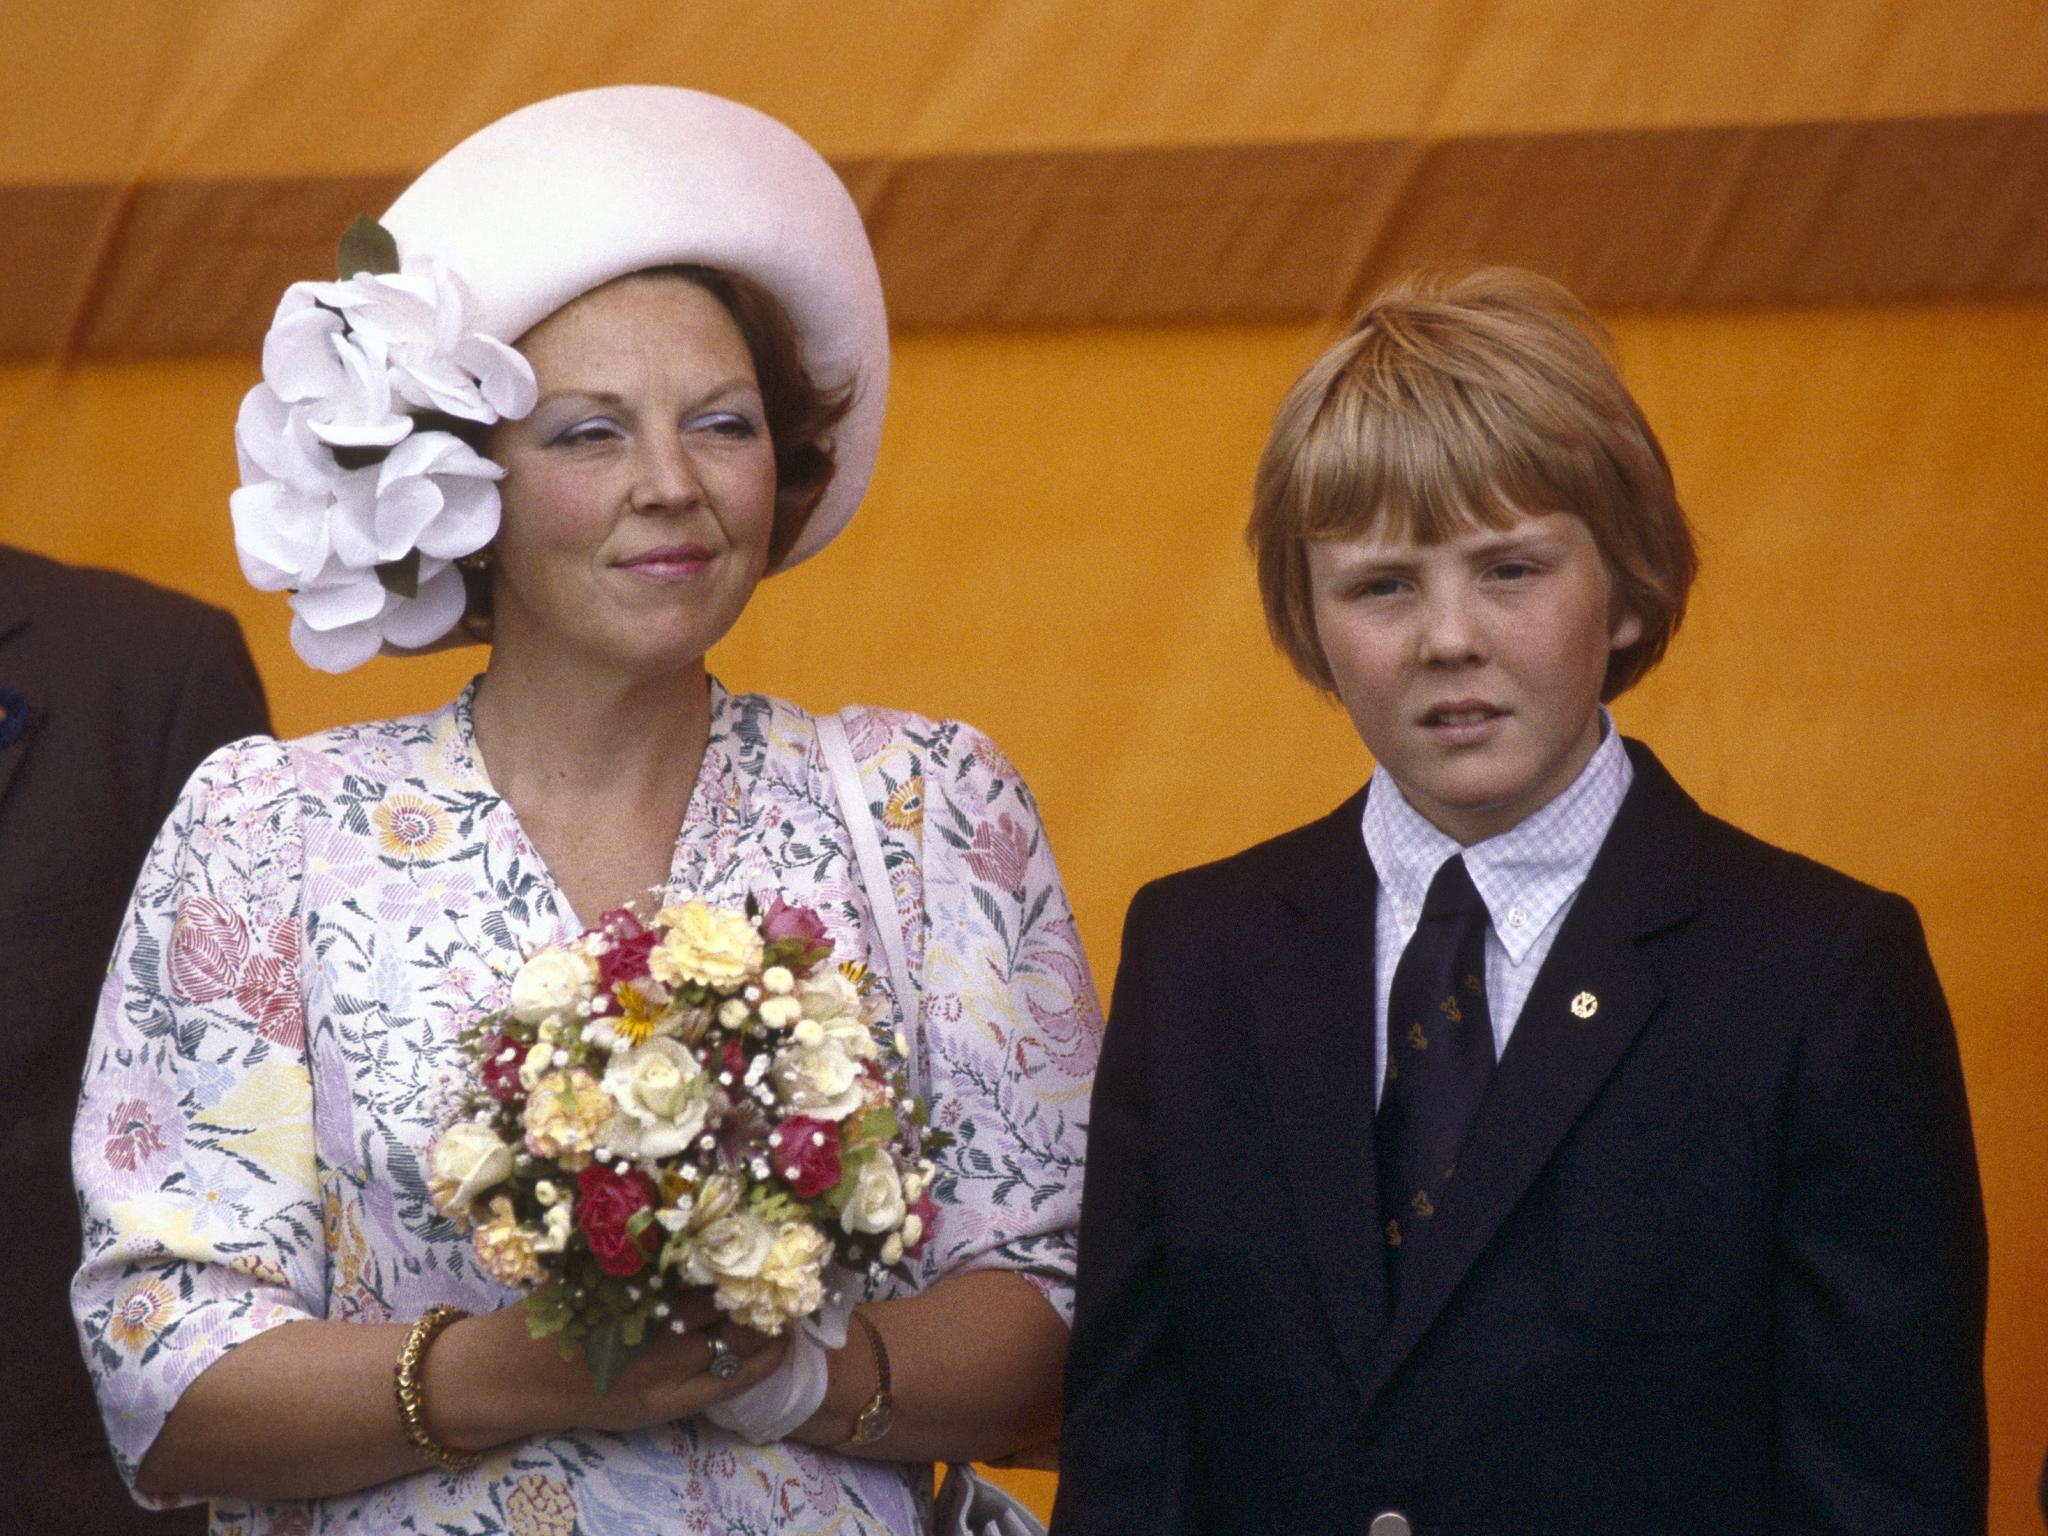 Königin Beatrix und Prinz Willem-Alexander